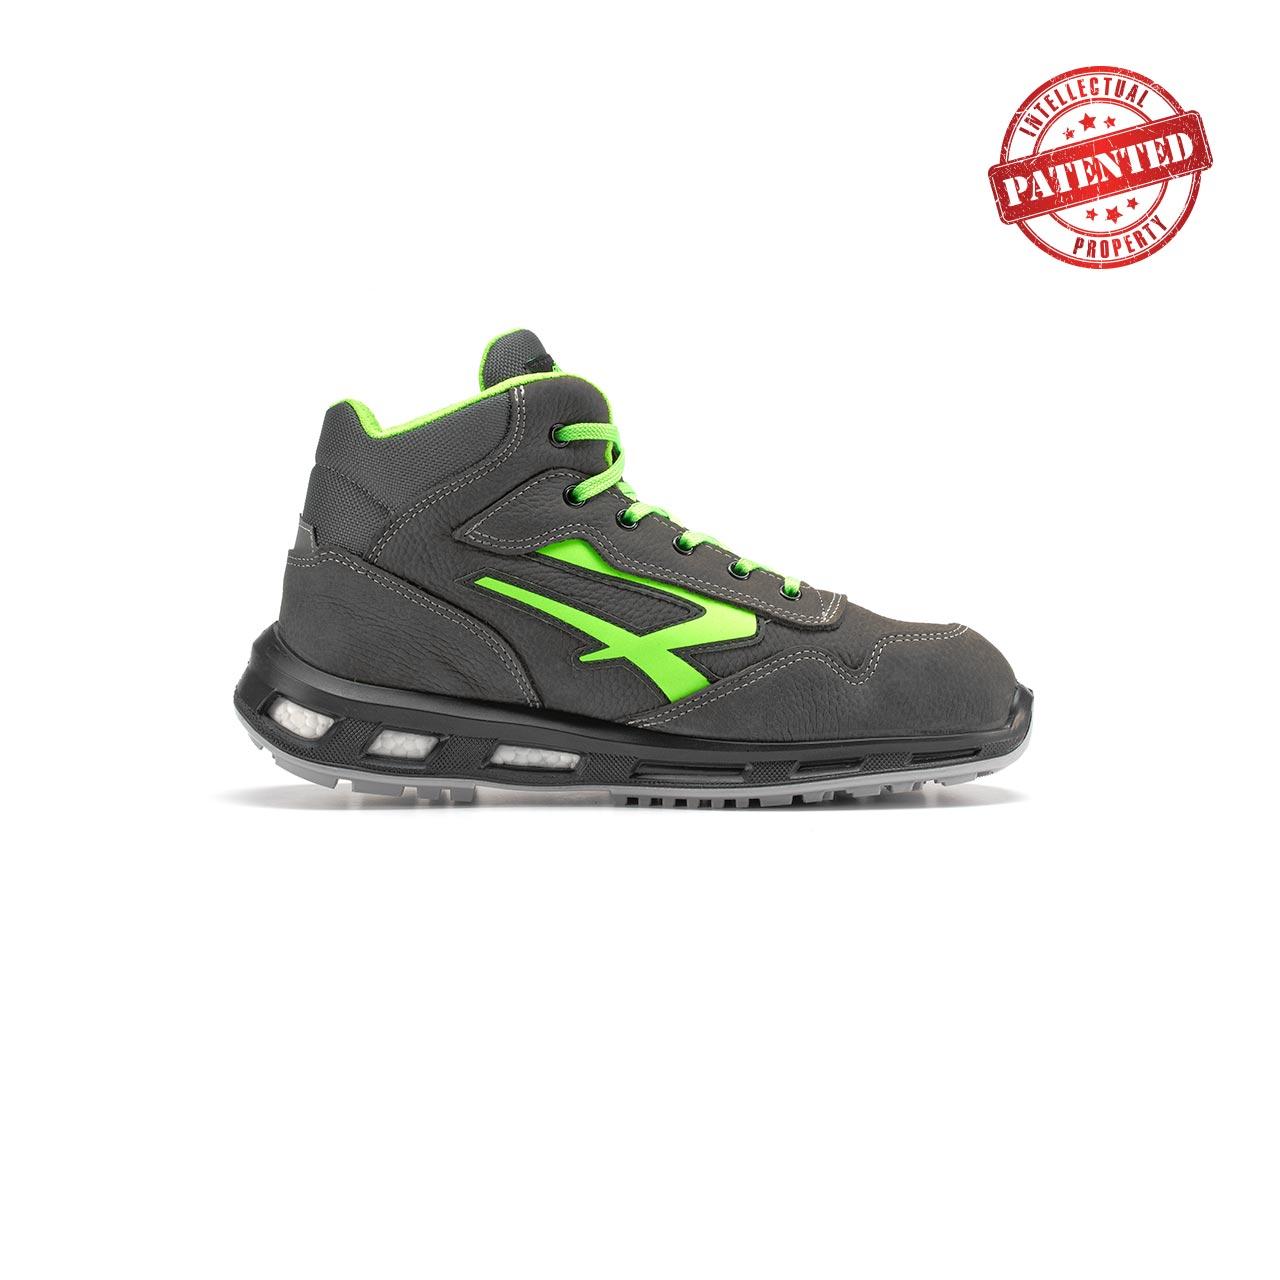 calzatura da lavoro alta upower modello hummer linea redlion vista lato destro